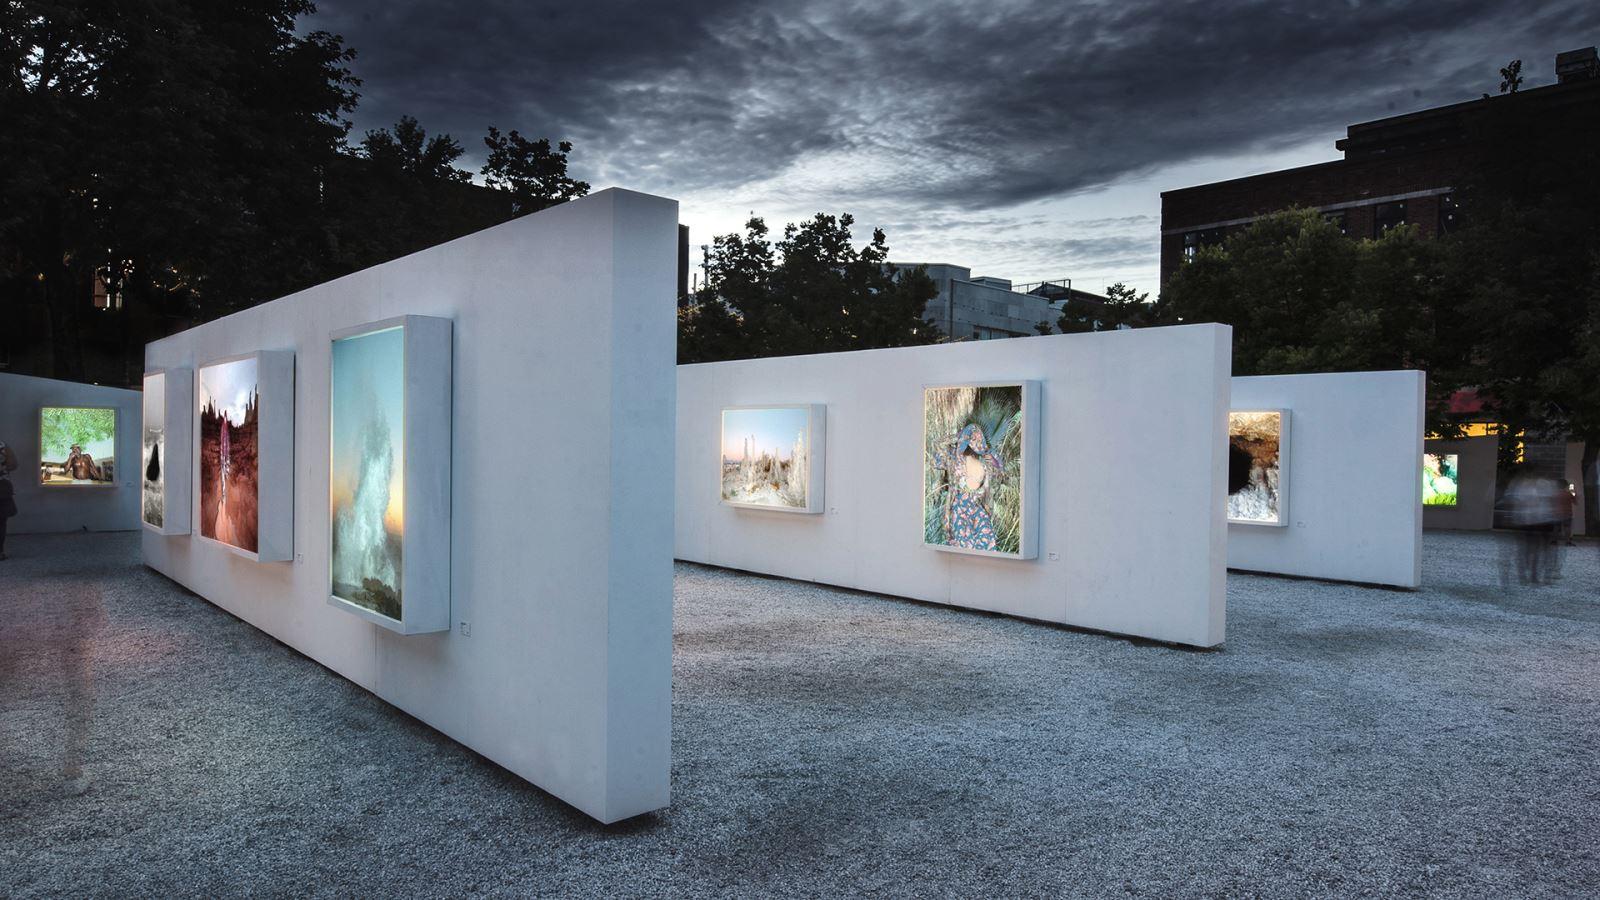 Photo De Galerie Exterieur blanc : une galerie d'art à ciel ouvert - index-design.ca